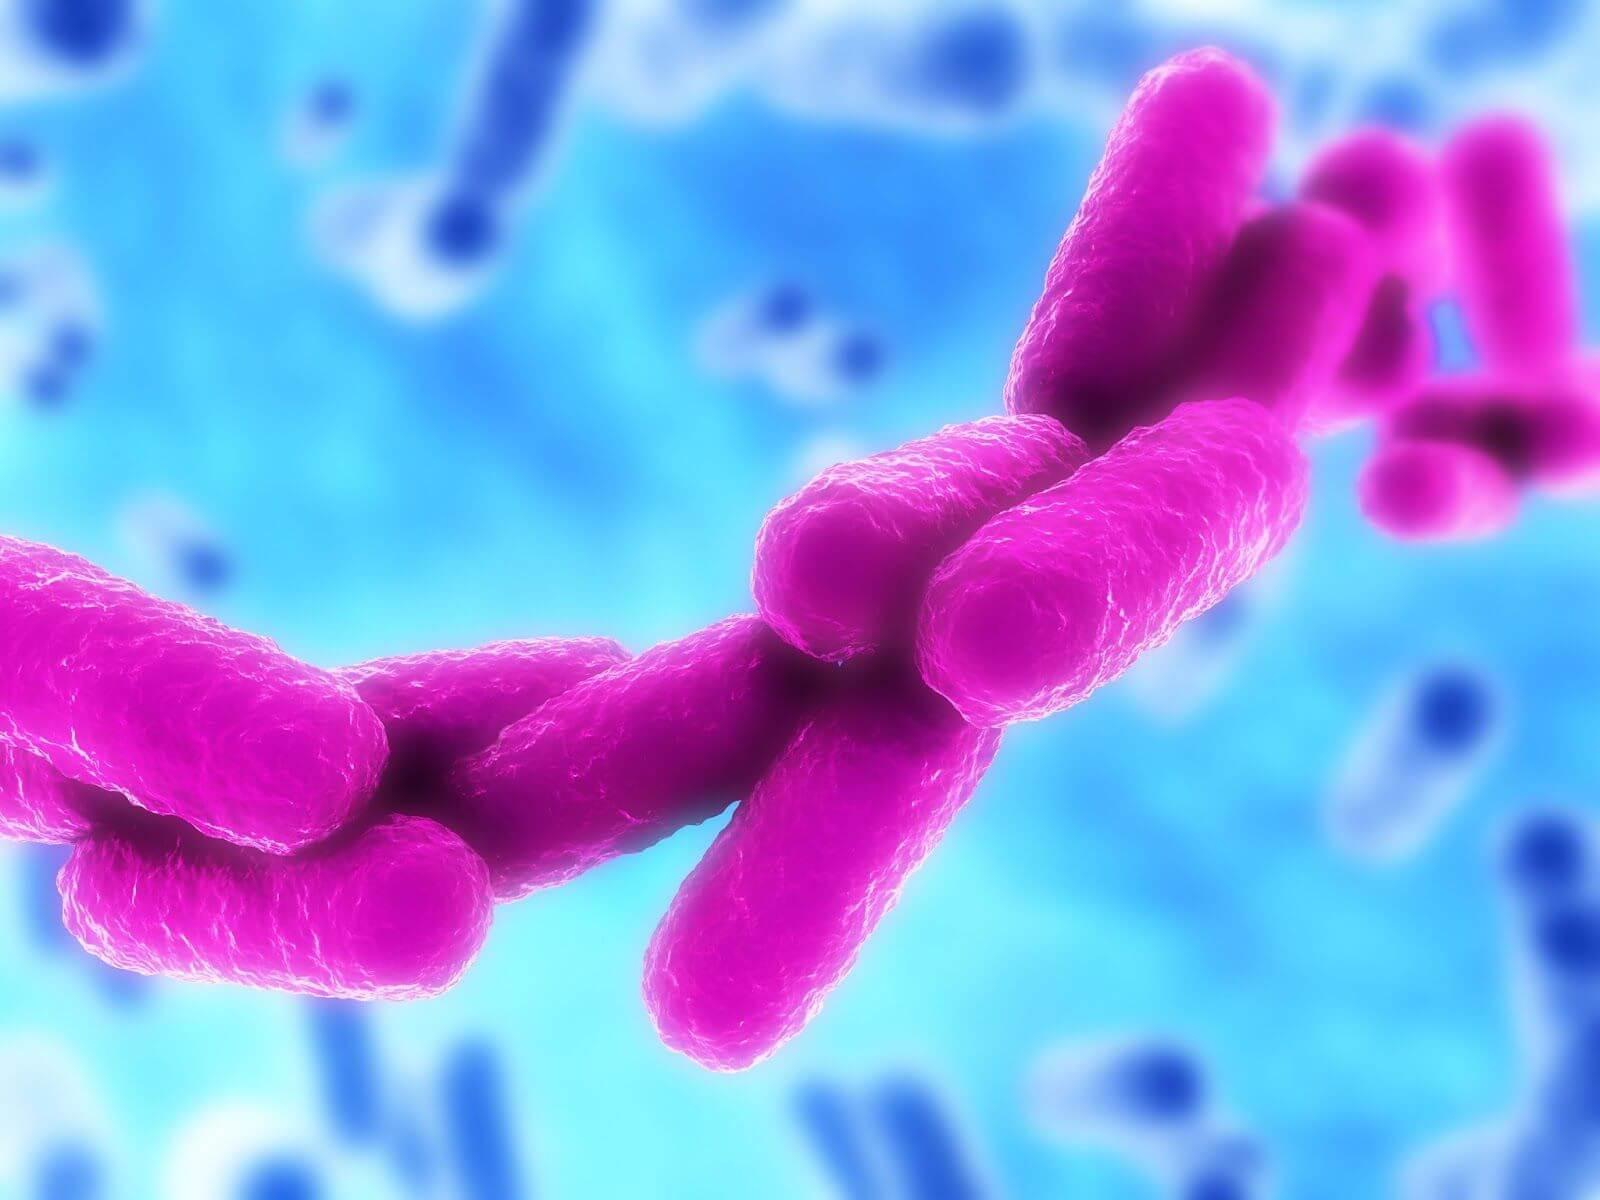 Клебсиелла – это опасная бактерия: основные сведения, пневмония, урологические инфекции, диагностика и лечение